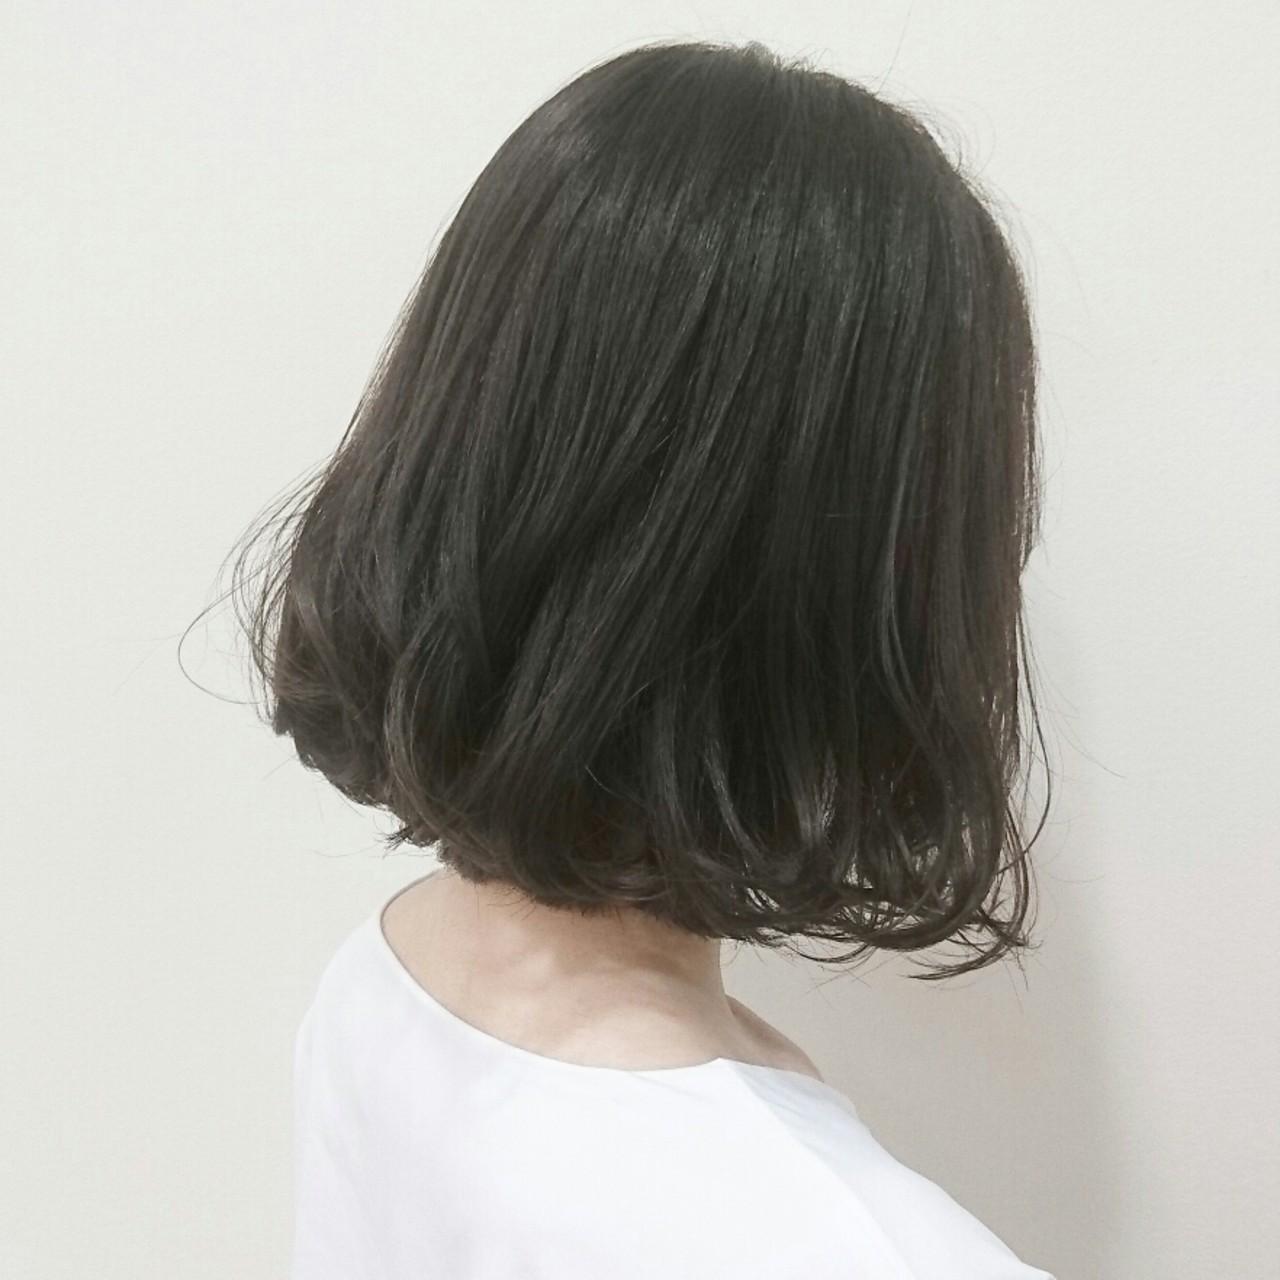 大人かわいい 透明感 デート イルミナカラーヘアスタイルや髪型の写真・画像